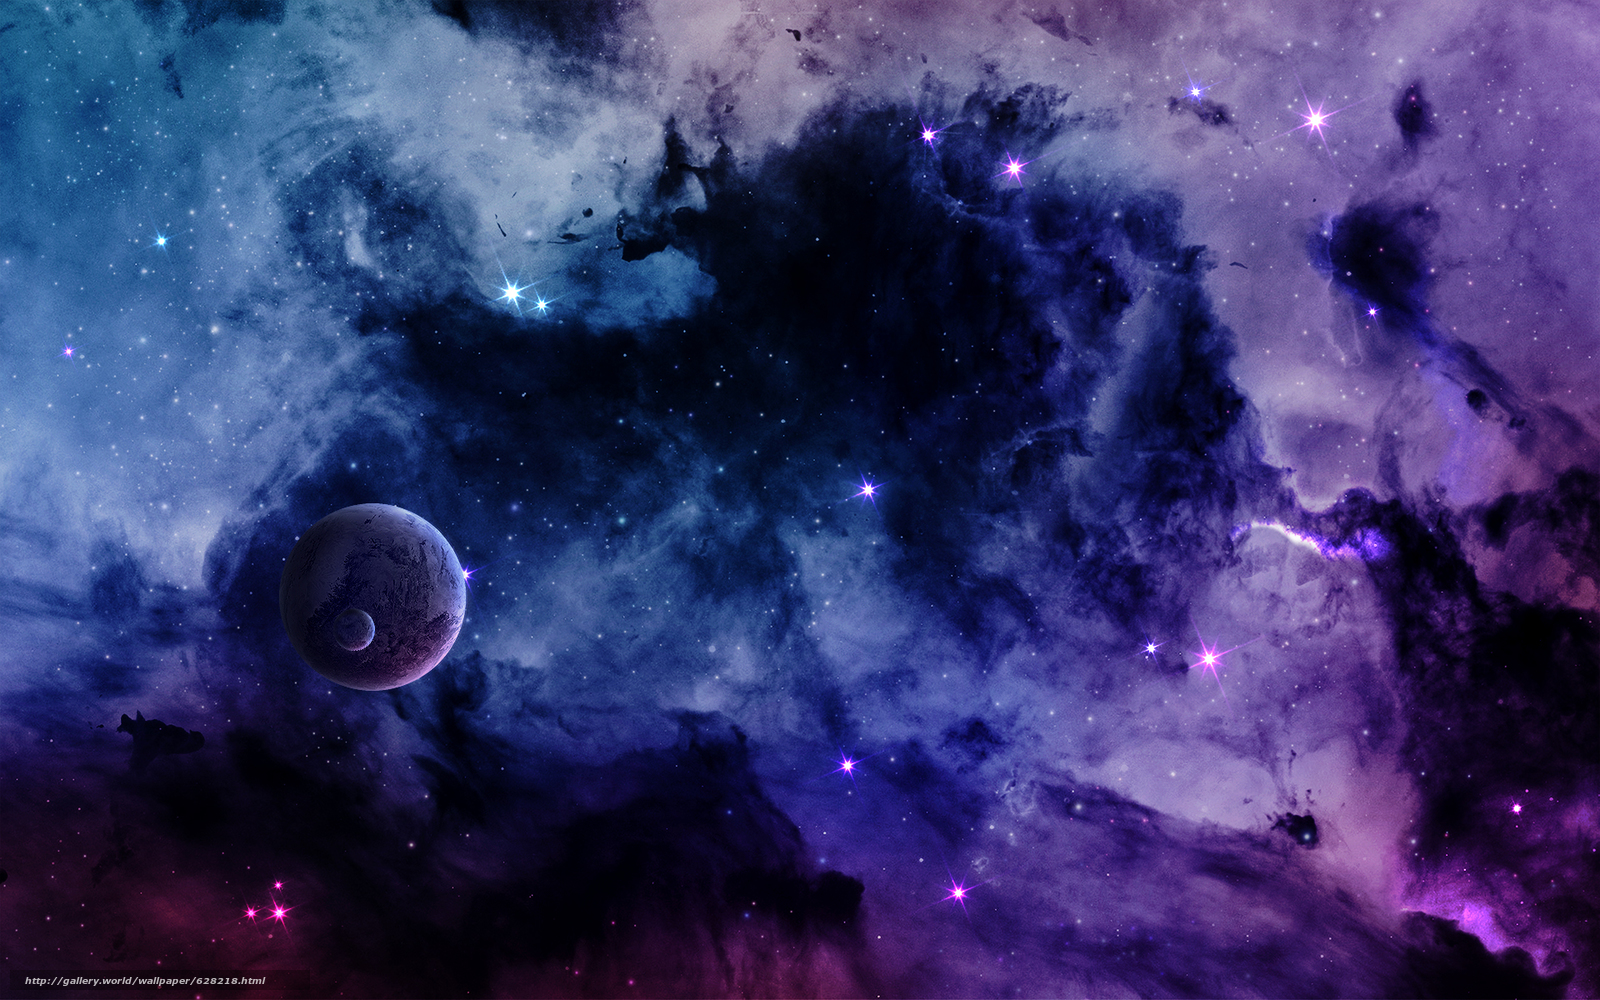 Скачать на телефон обои фото картинку на тему космос, 3d, art, разширение 1920x1200